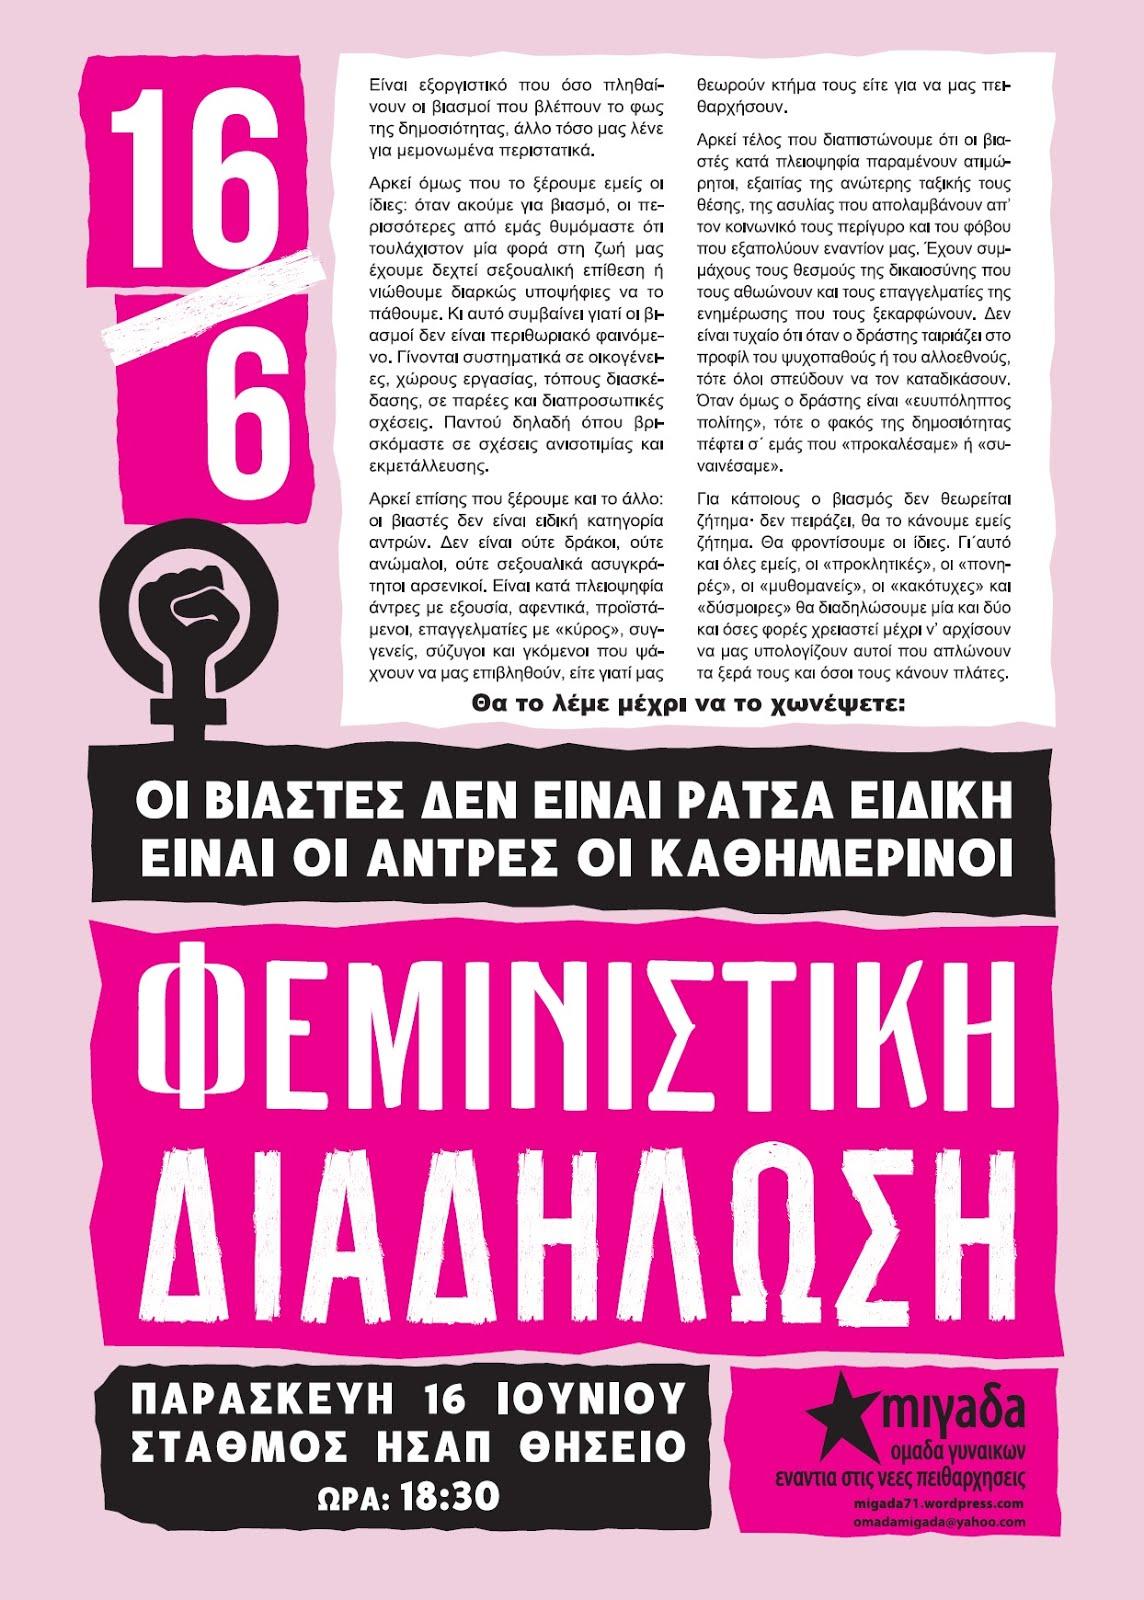 Φεμινιστική διαδήλωση 16.6.17